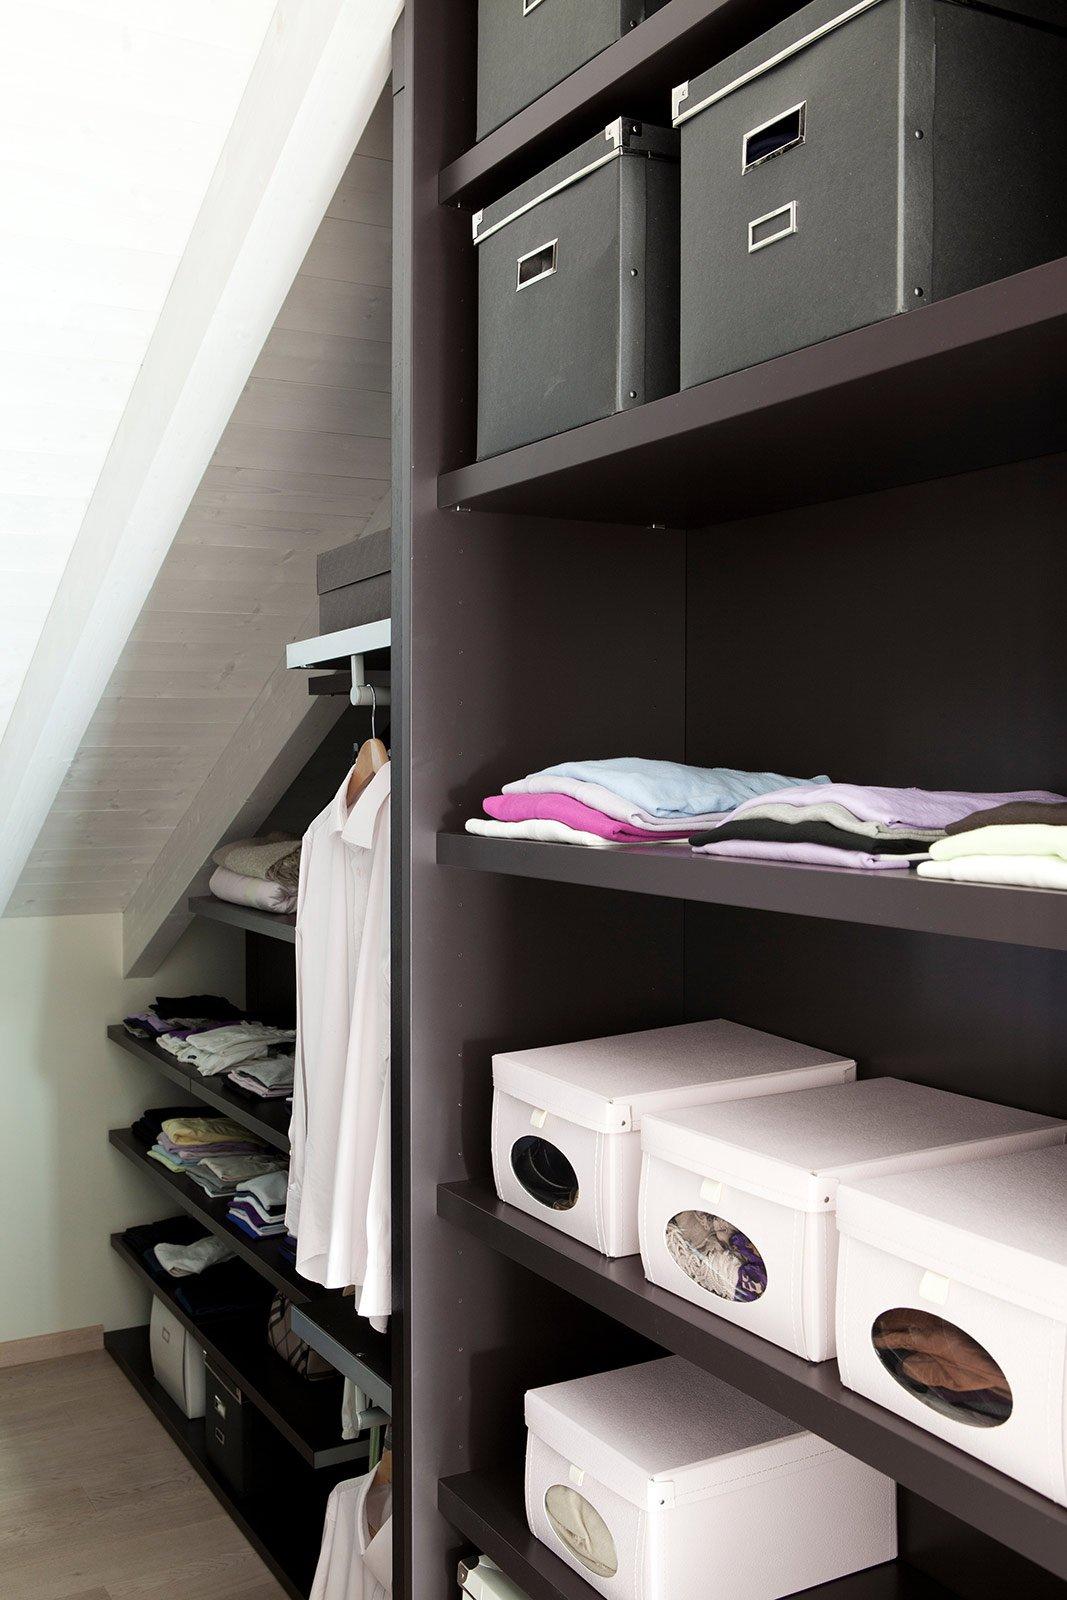 Bianco grigio nero per la casa di gusto contemporaneo for Arredare sottotetto basso